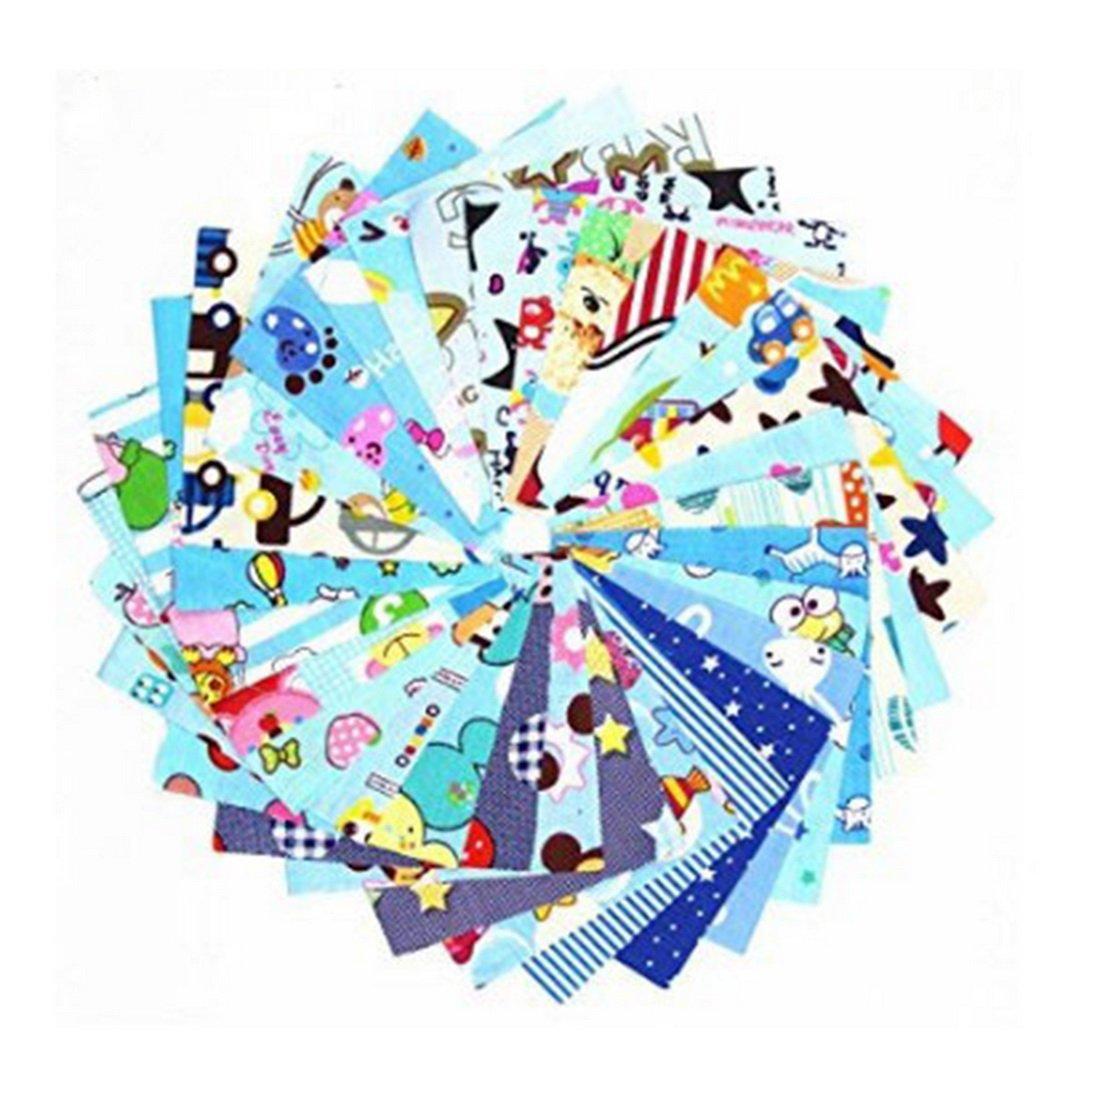 30PCs Tissu 10cm*10cm Carré Dessin Animé Patchwork Coton Coupon DIY Quilting Loisir Créatifs Textile Artisanat Bundle Écologique Bricolage Couture Scrapbooking Cysincos